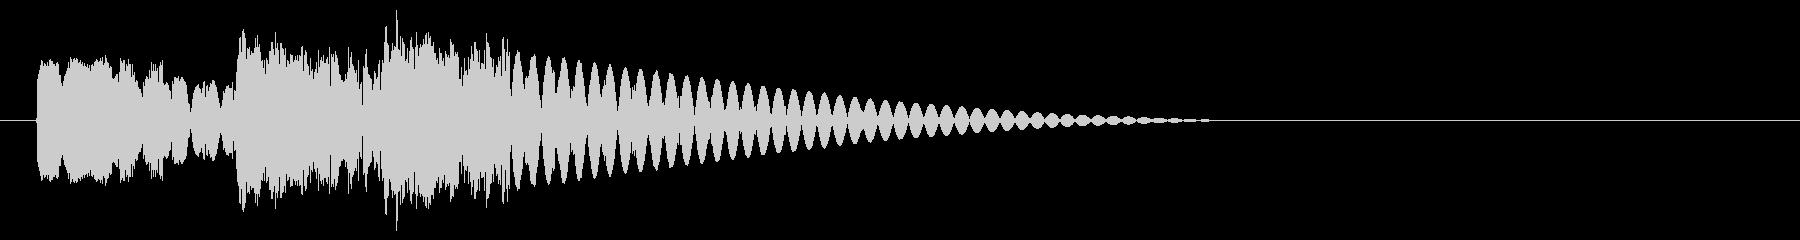 ドドドン 射撃音2 ゲームなどの未再生の波形